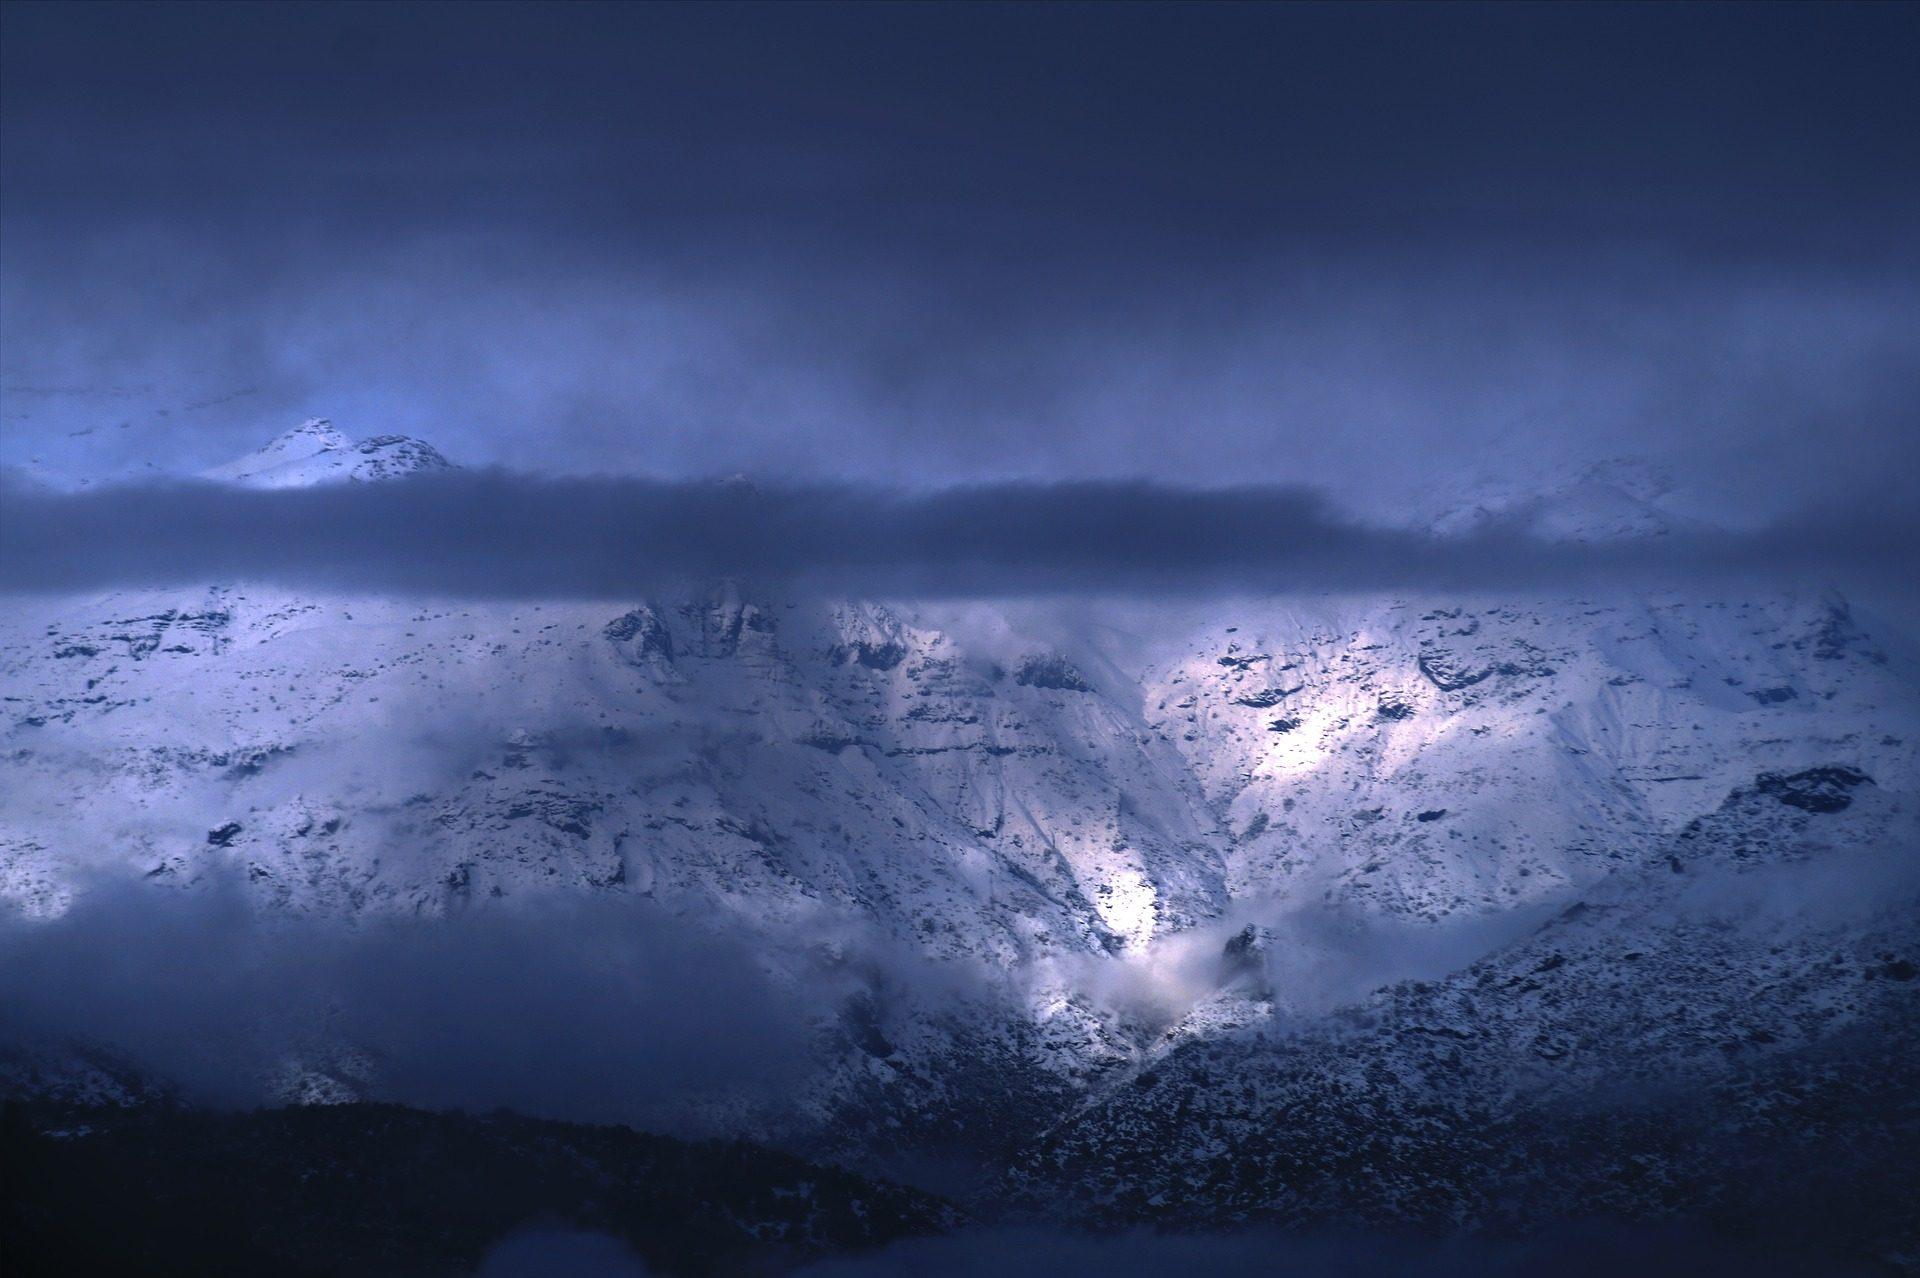 الجبال, الثلج, قمم, الارتفاع, السحب. - خلفيات عالية الدقة - أستاذ falken.com